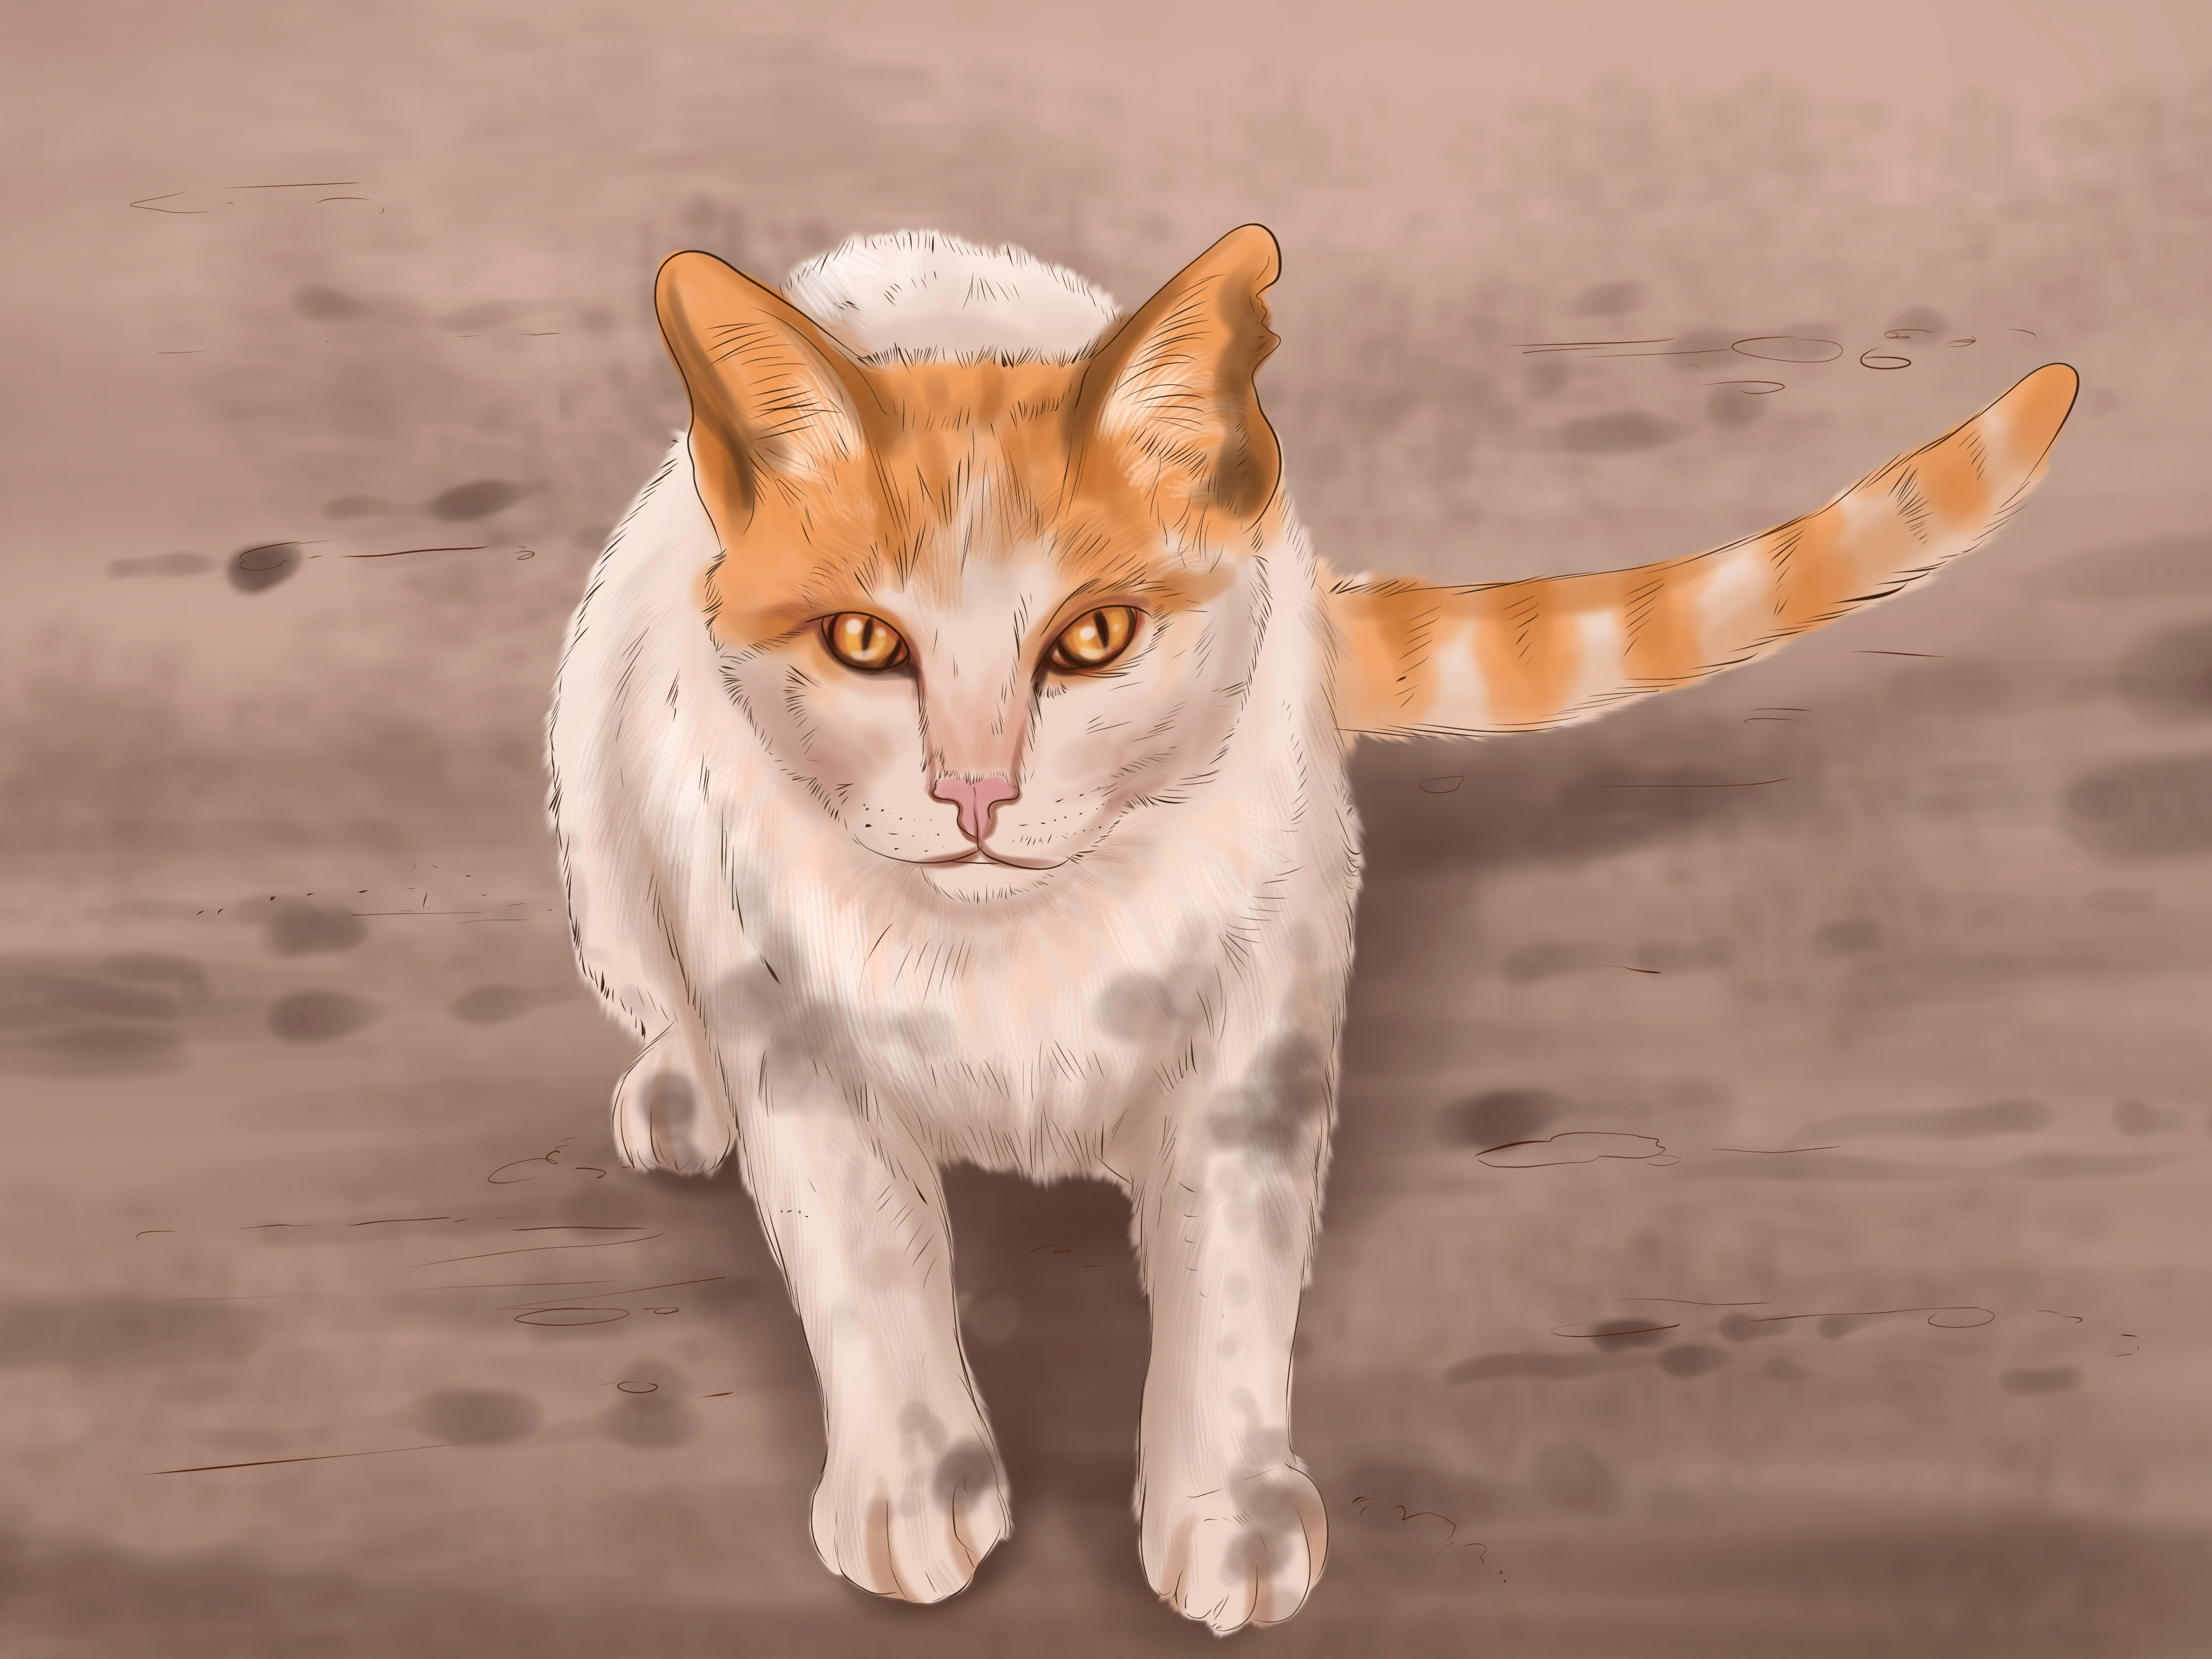 Katzenbilder Zum Ausdrucken Einzigartig 38 Neu Fotos Von Katzen Bilder Zum Ausdrucken Bilder